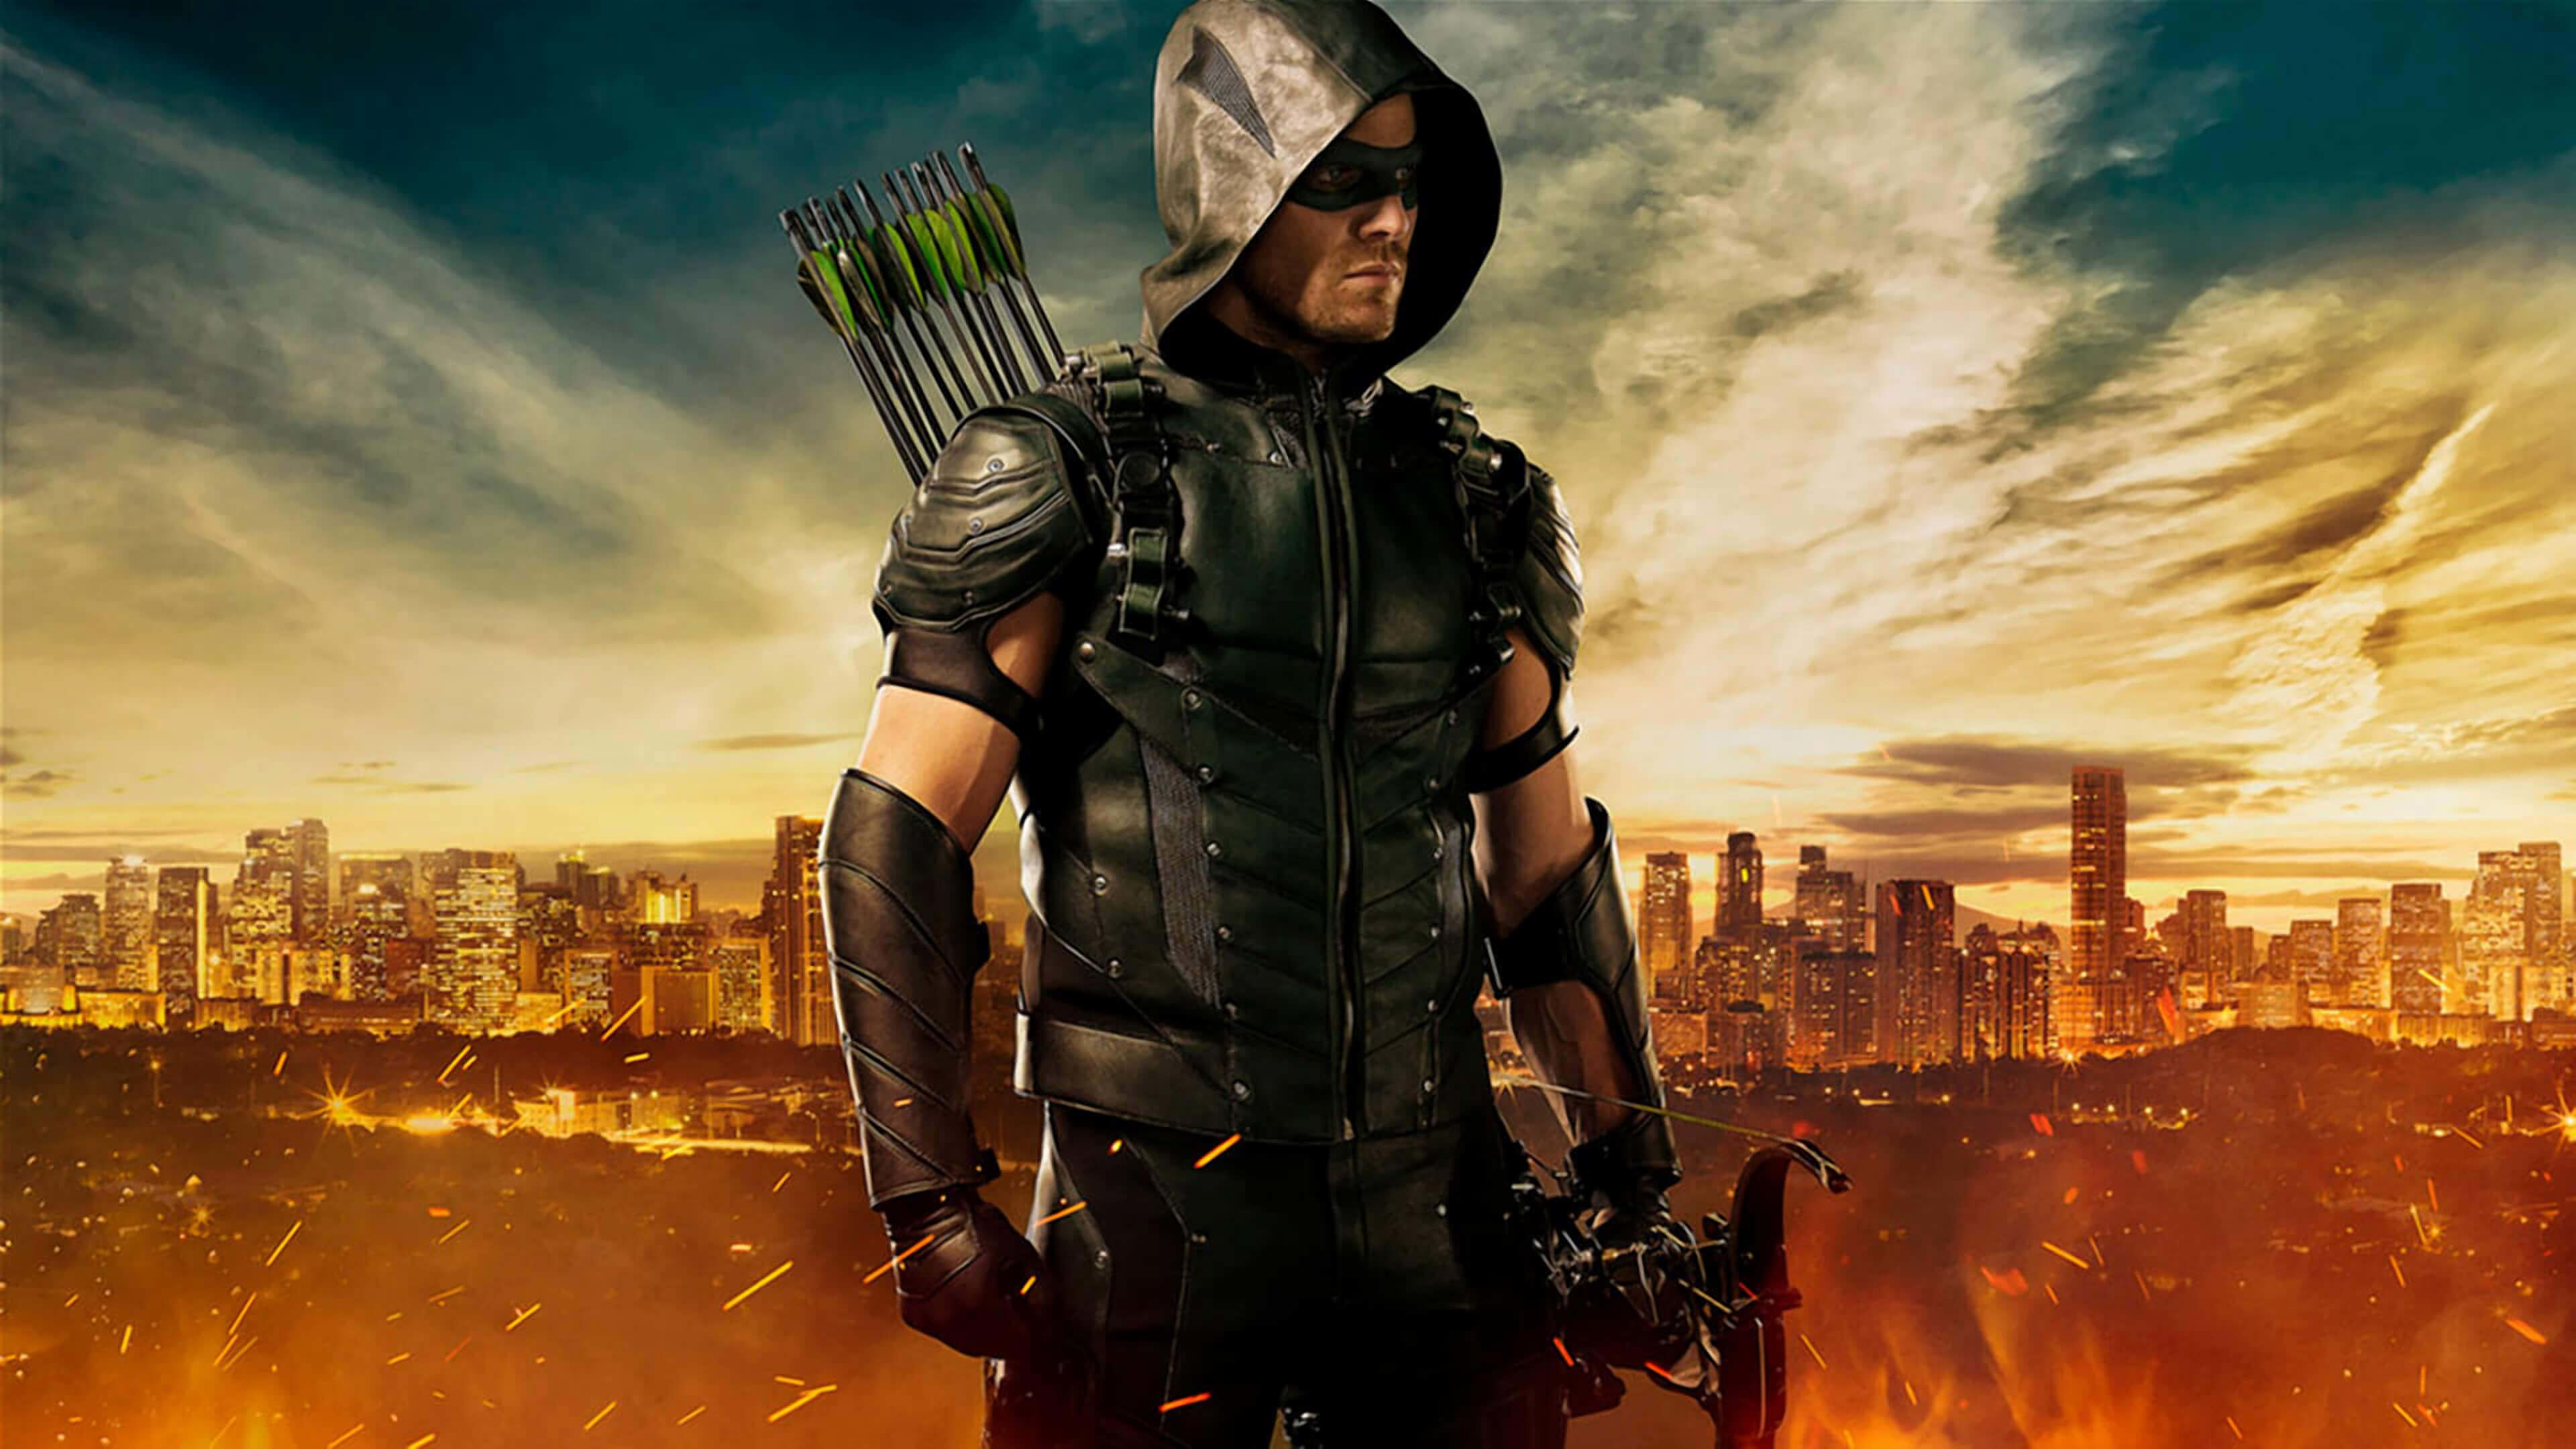 Arrow-2015-Season-4-New-Suit-Ultra-HD-